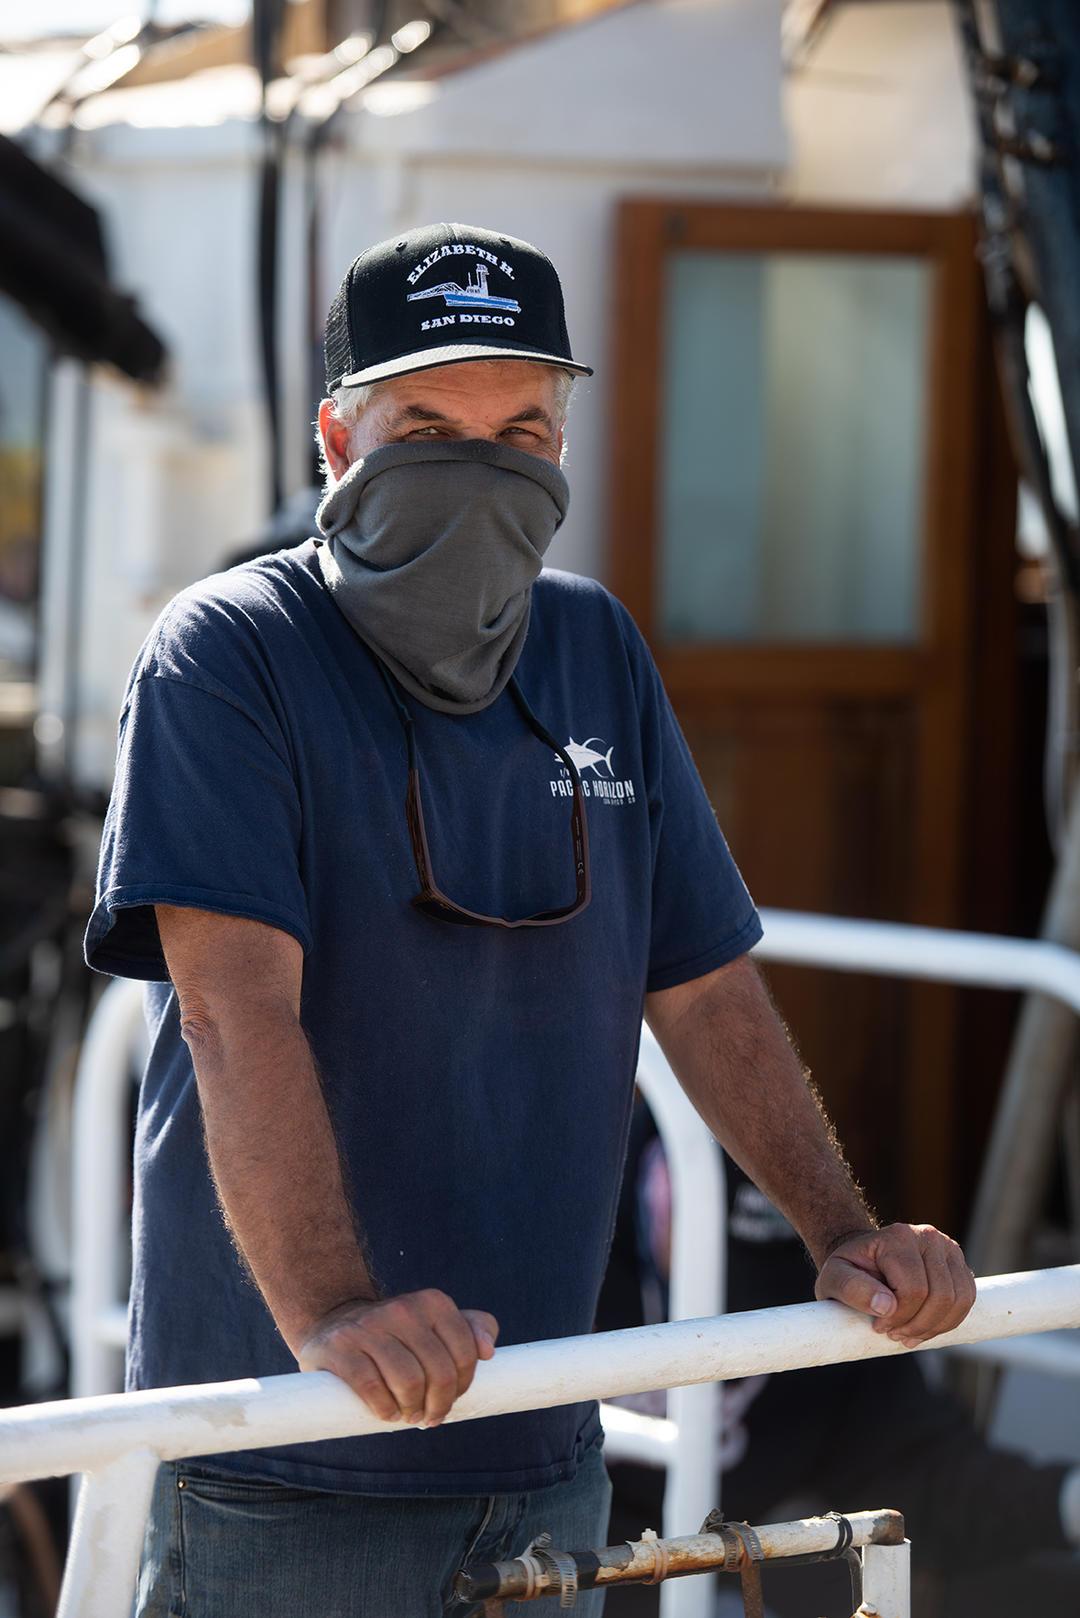 David Haworth commercial fishing